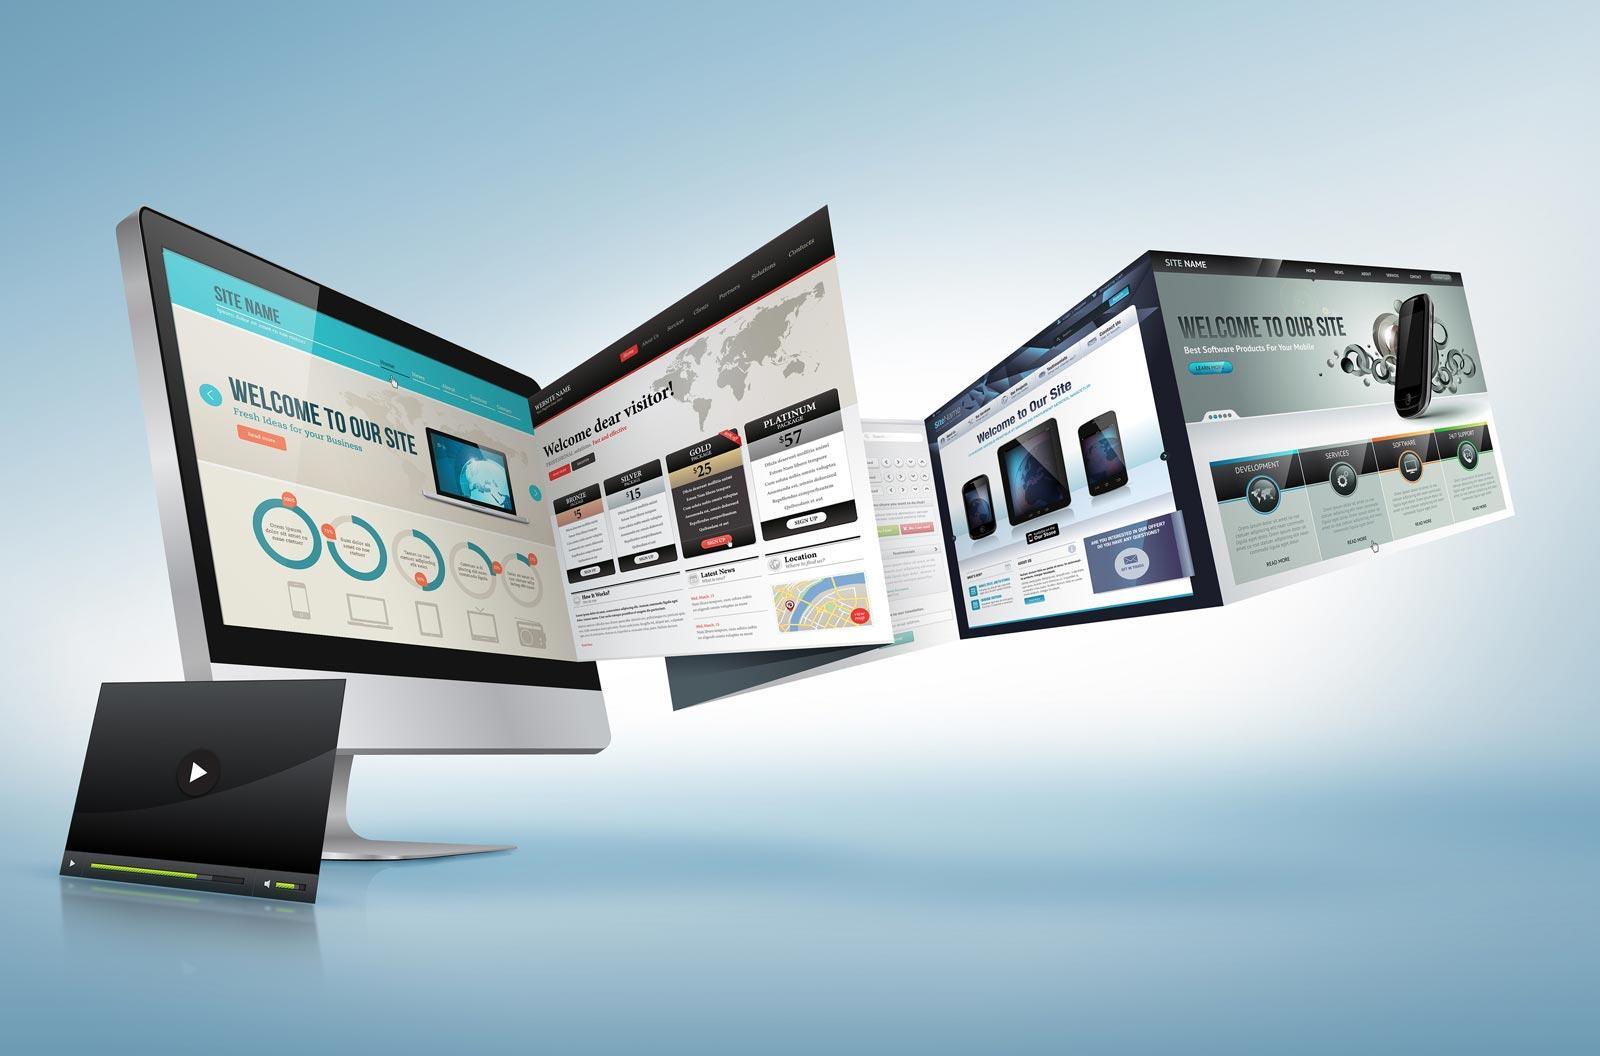 Έχετε επιχείρηση και δεν έχετε website;